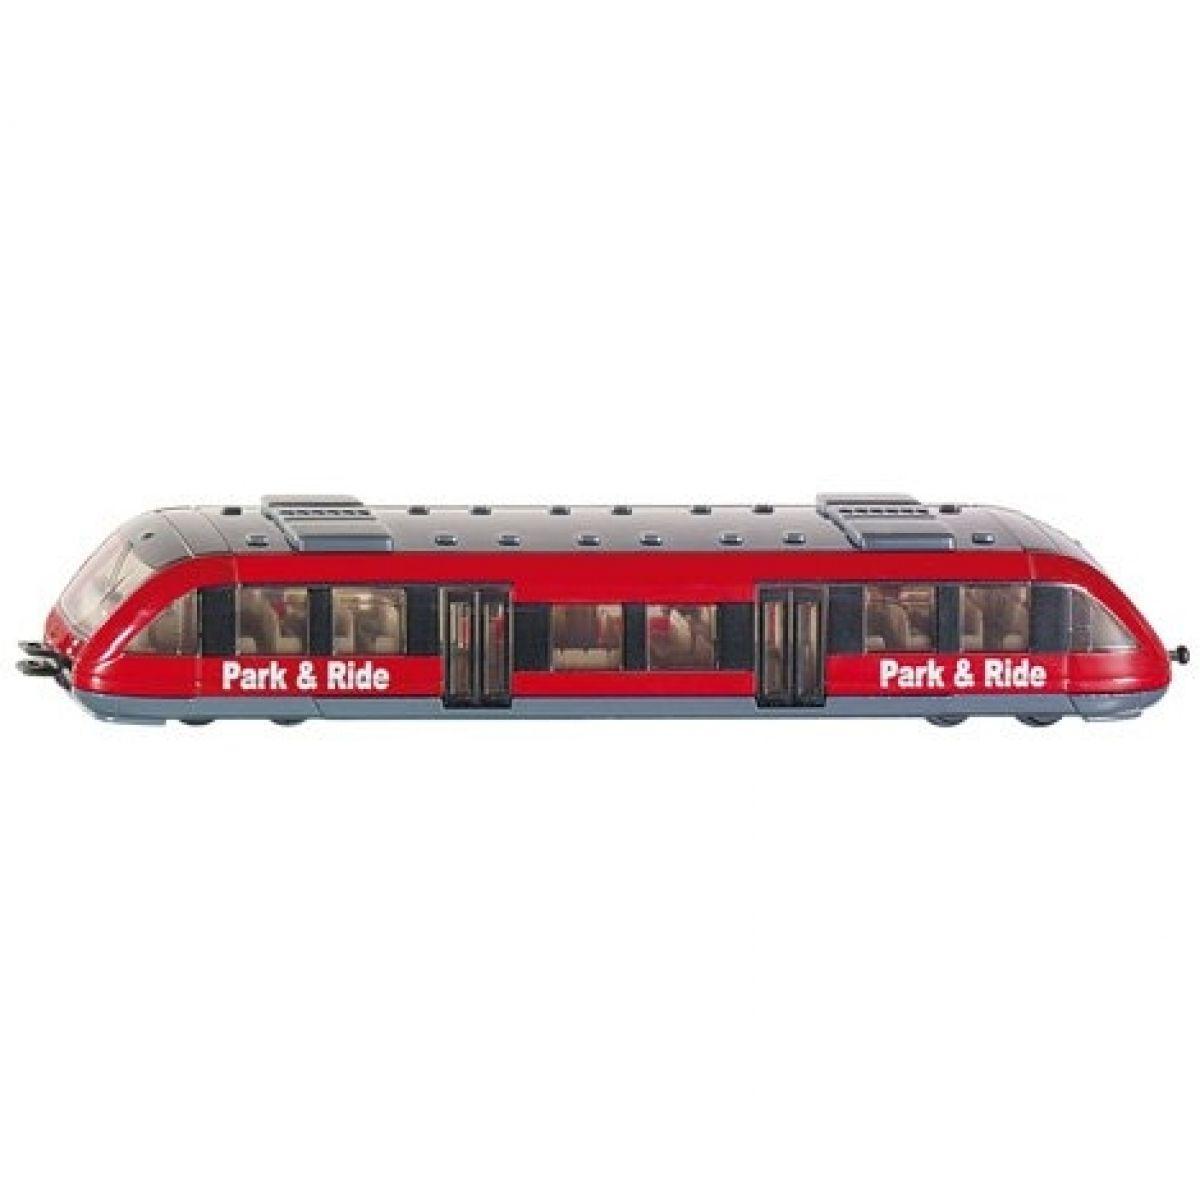 Příměstský vlak S Bahn model Siku 1646 1:120 - Červená